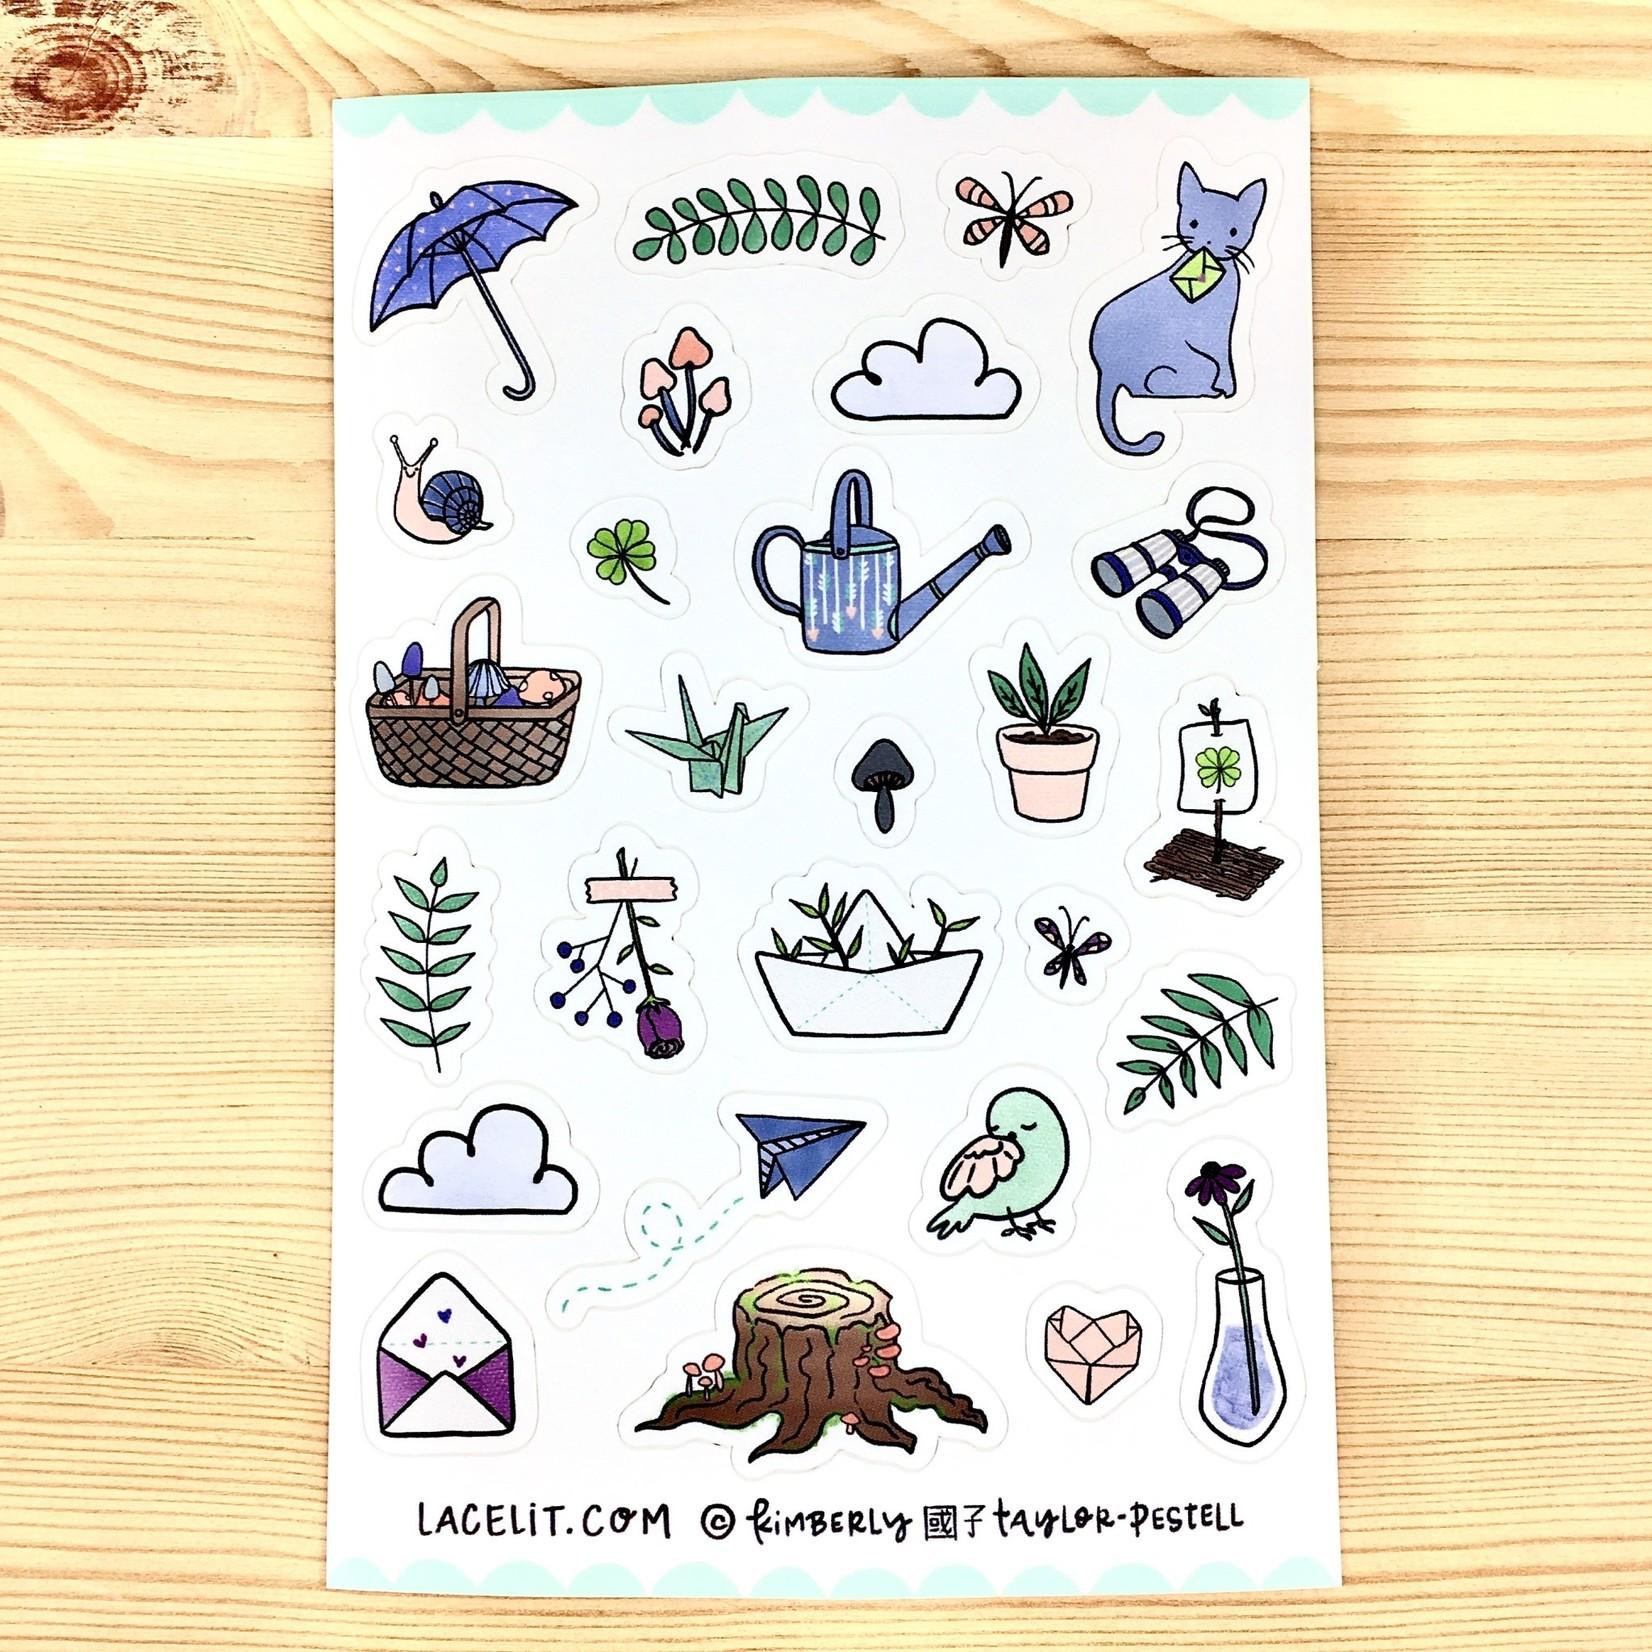 Lacelit (APO) Little Day Planner Sticker Sheet